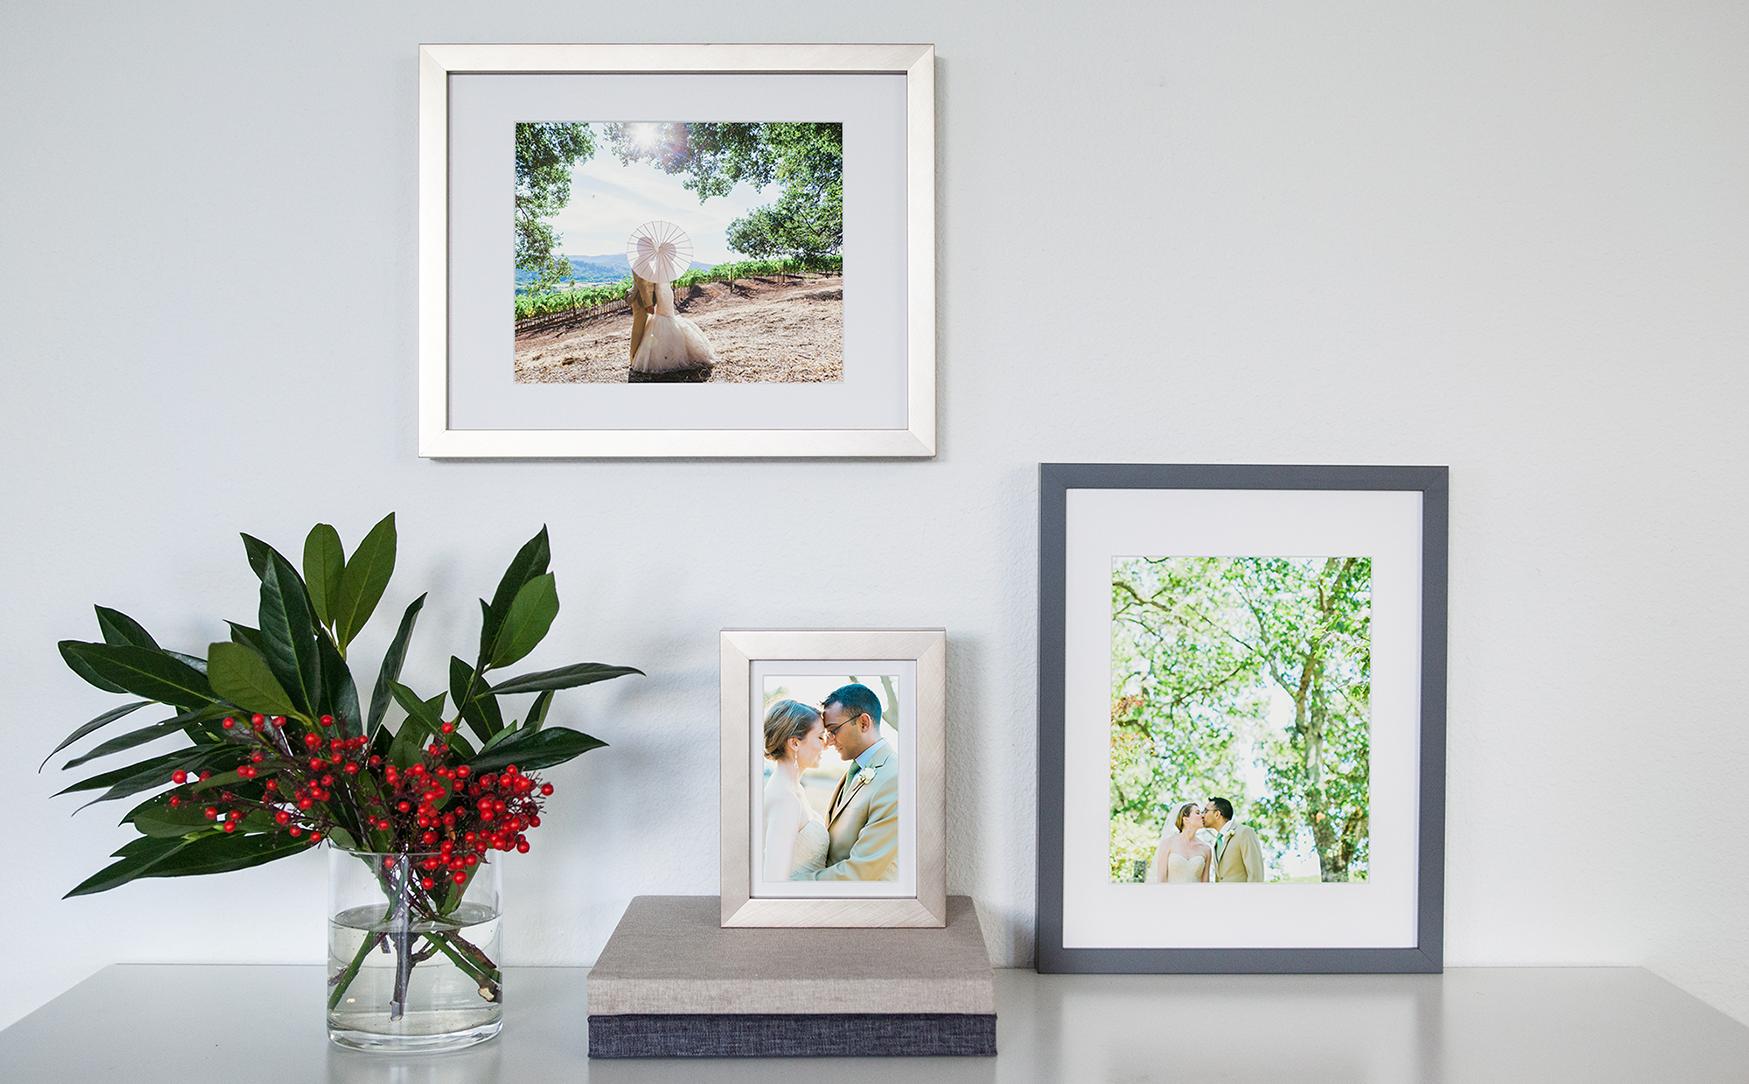 design aglow frames modern affordable photo frames - Modern Picture Frames